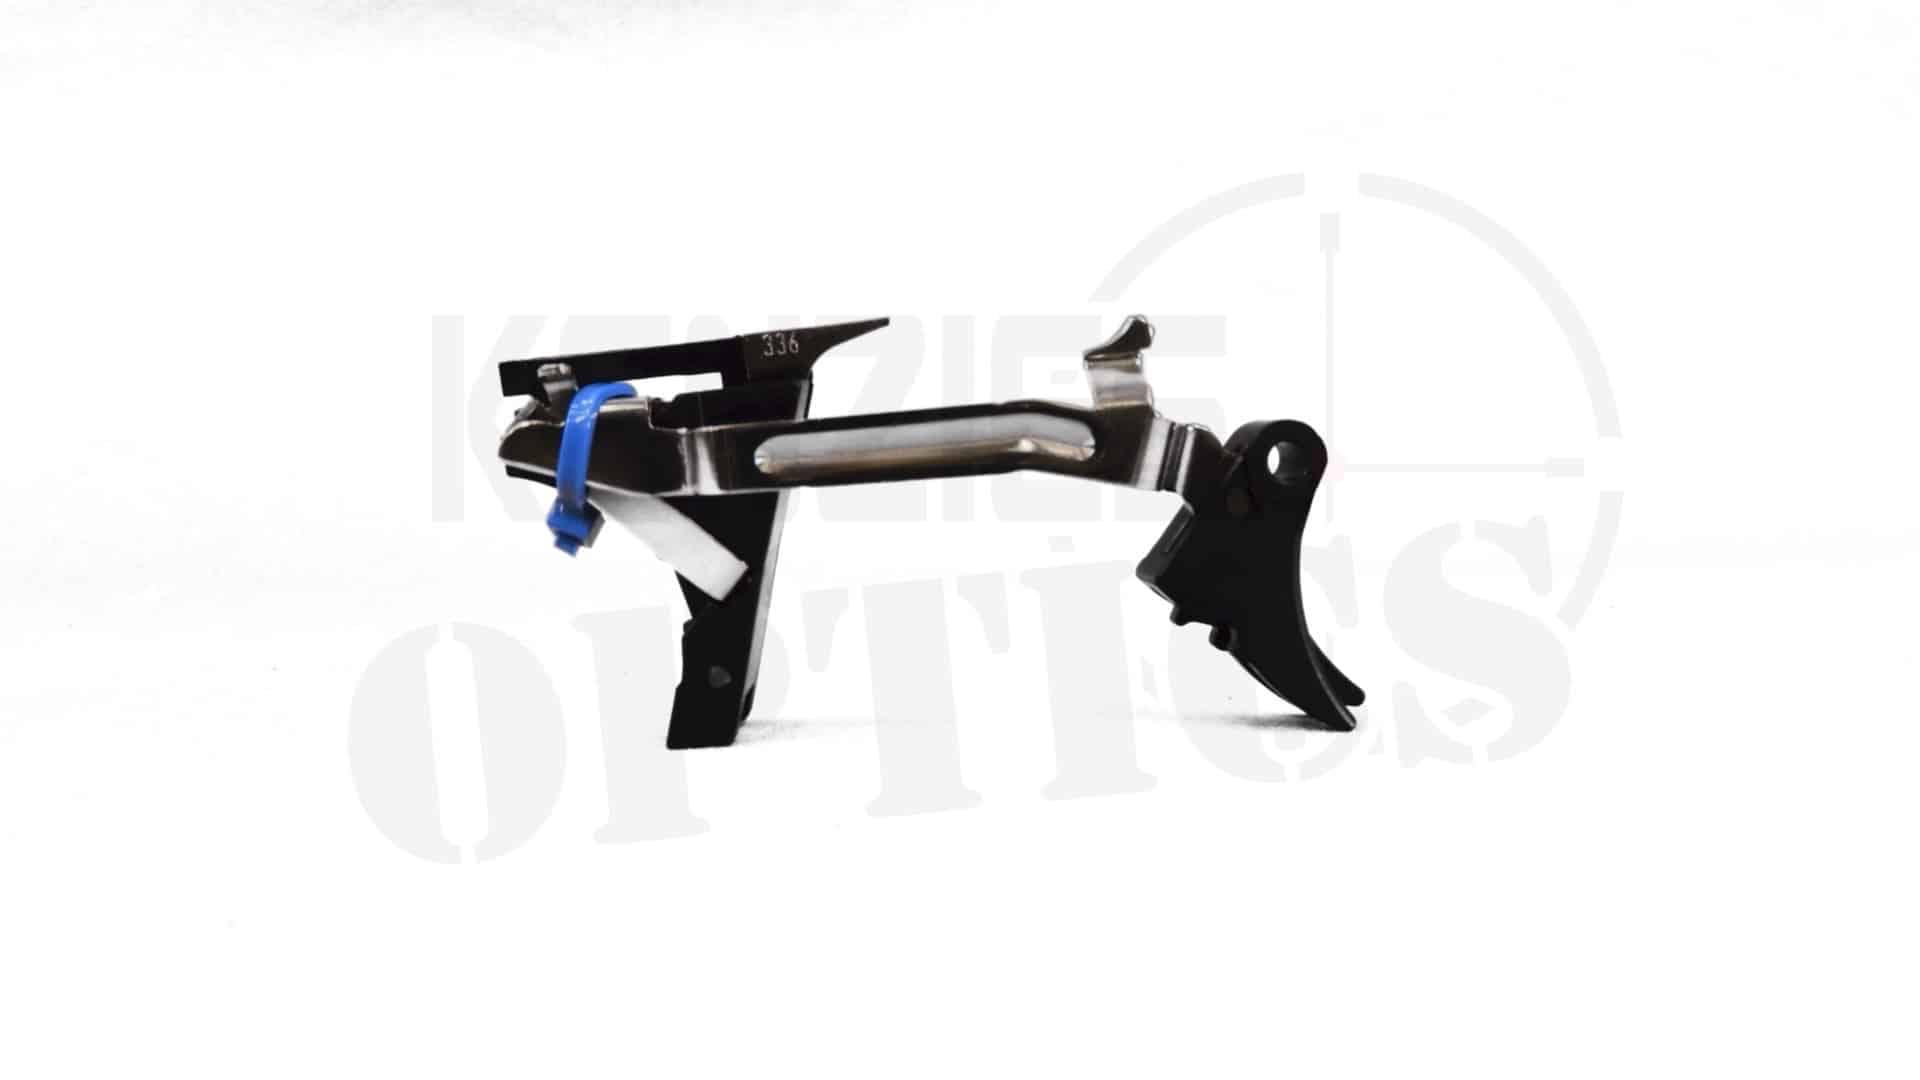 Zev Technologies Adjustable Fulcrum Trigger Drop In Kit 1st 3rd Gen 9mm Blk Blk Kenzie S Optics